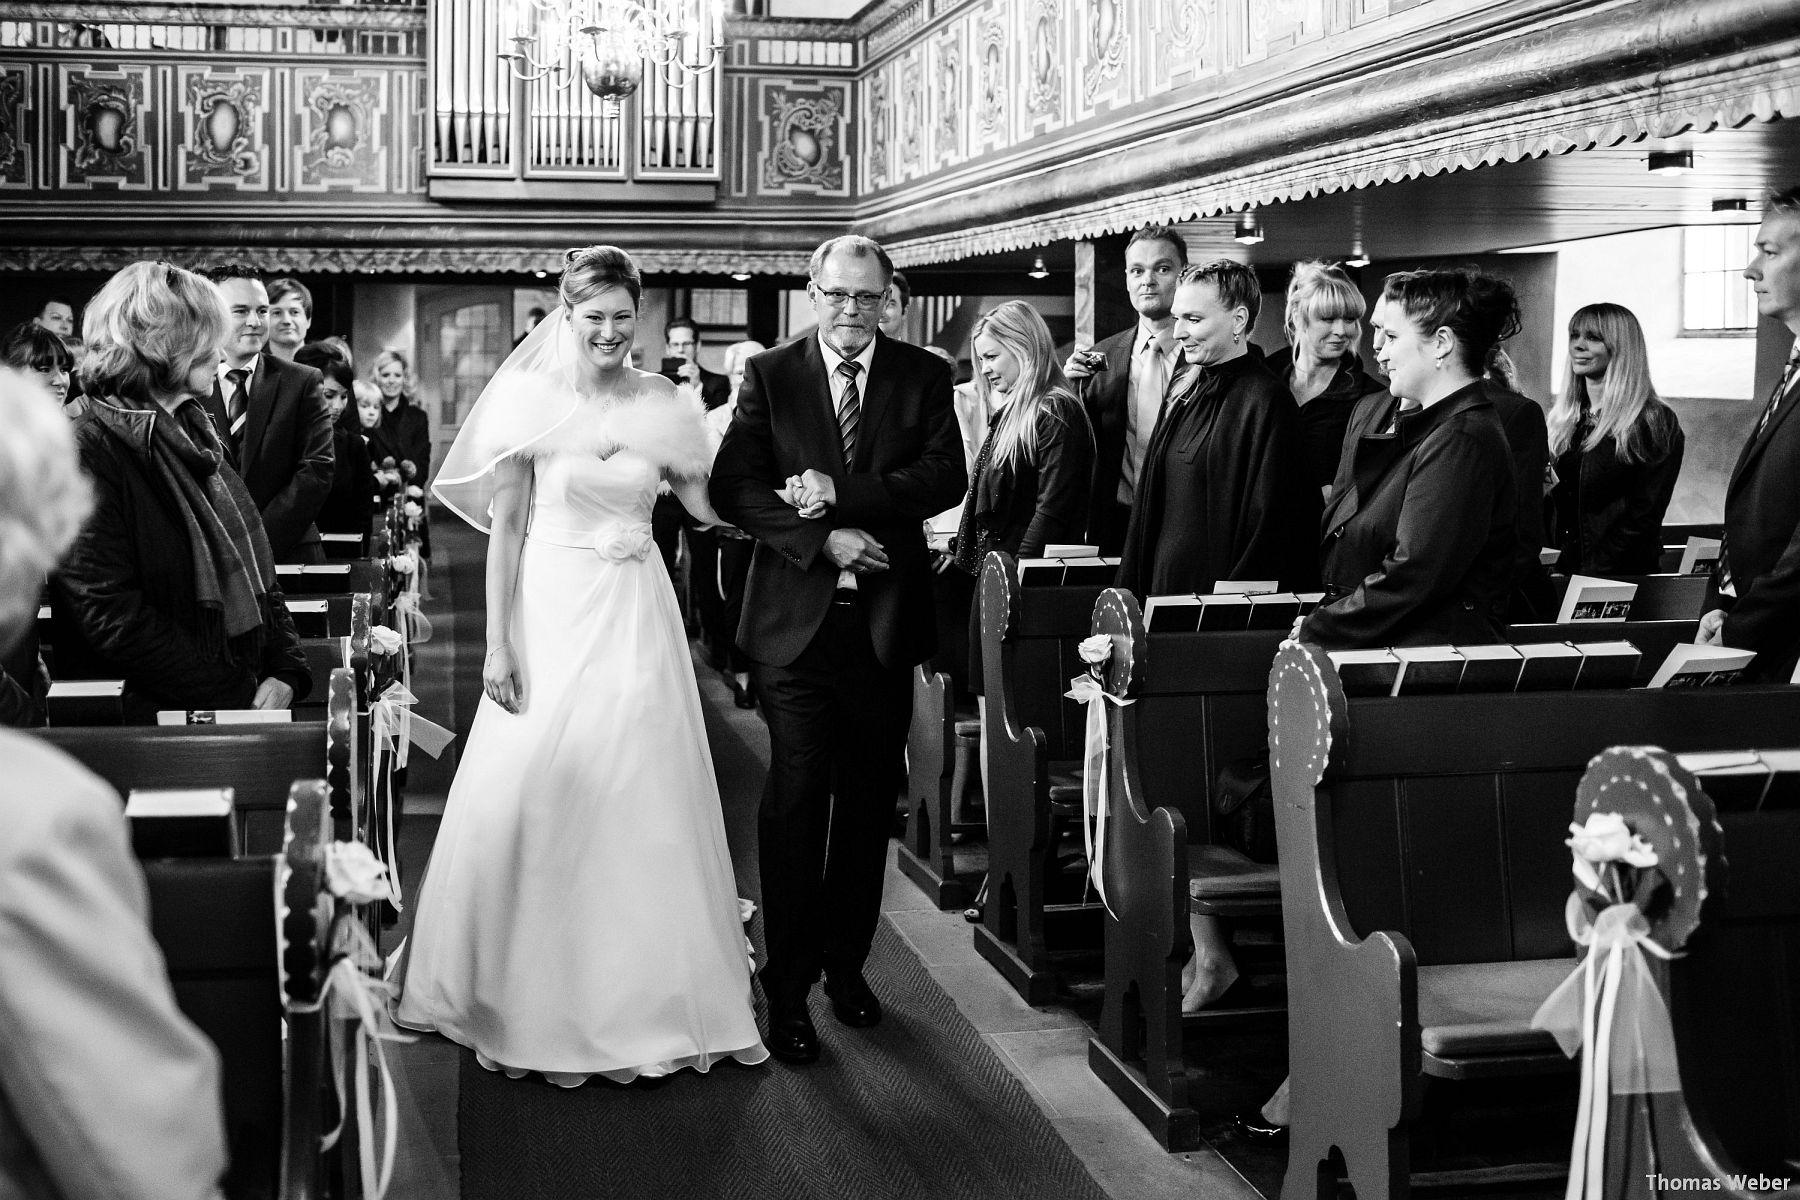 Hochzeitsfotograf Rastede: Kirchliche Trauung in der St. Ulrichs Kirche Rastede und Hochzeitsfeier in der Eventscheune St Georg Rastede mit dem Catering von Split Food (Michael Niebuhr) aus Oldenburg (24)